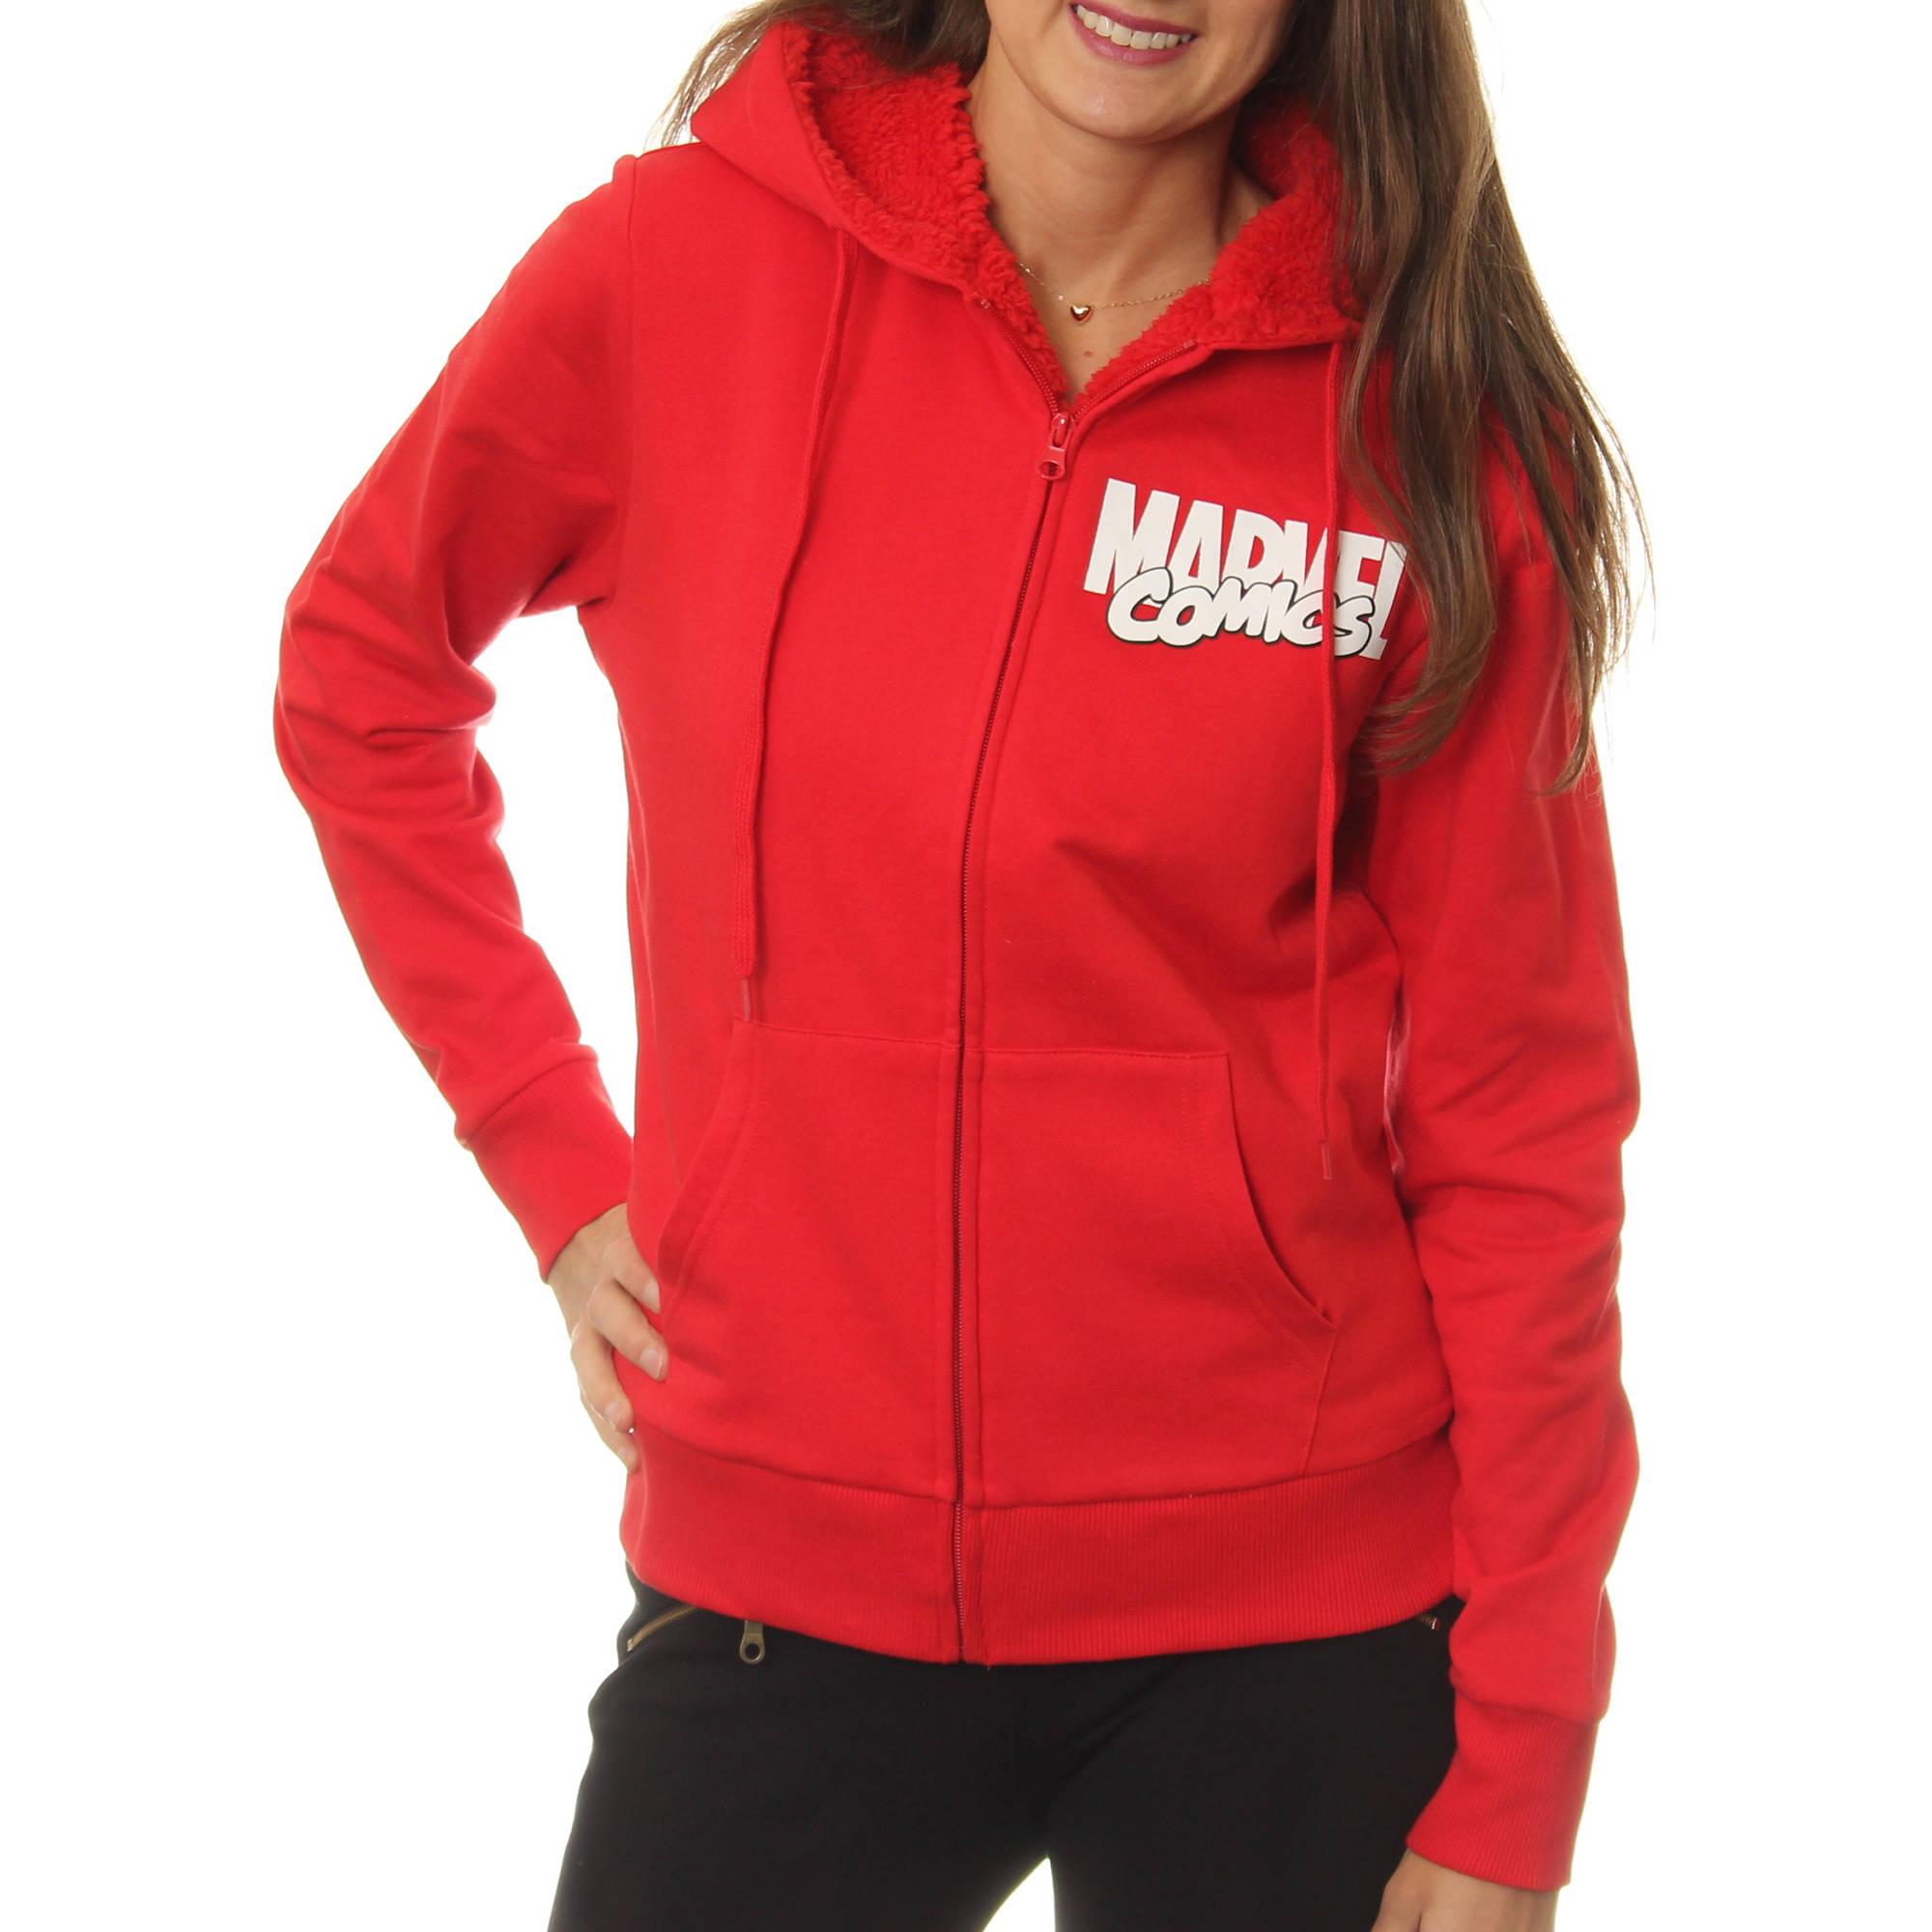 Marvel Juniors' Sherpa Lined Zip-Up Hoodie